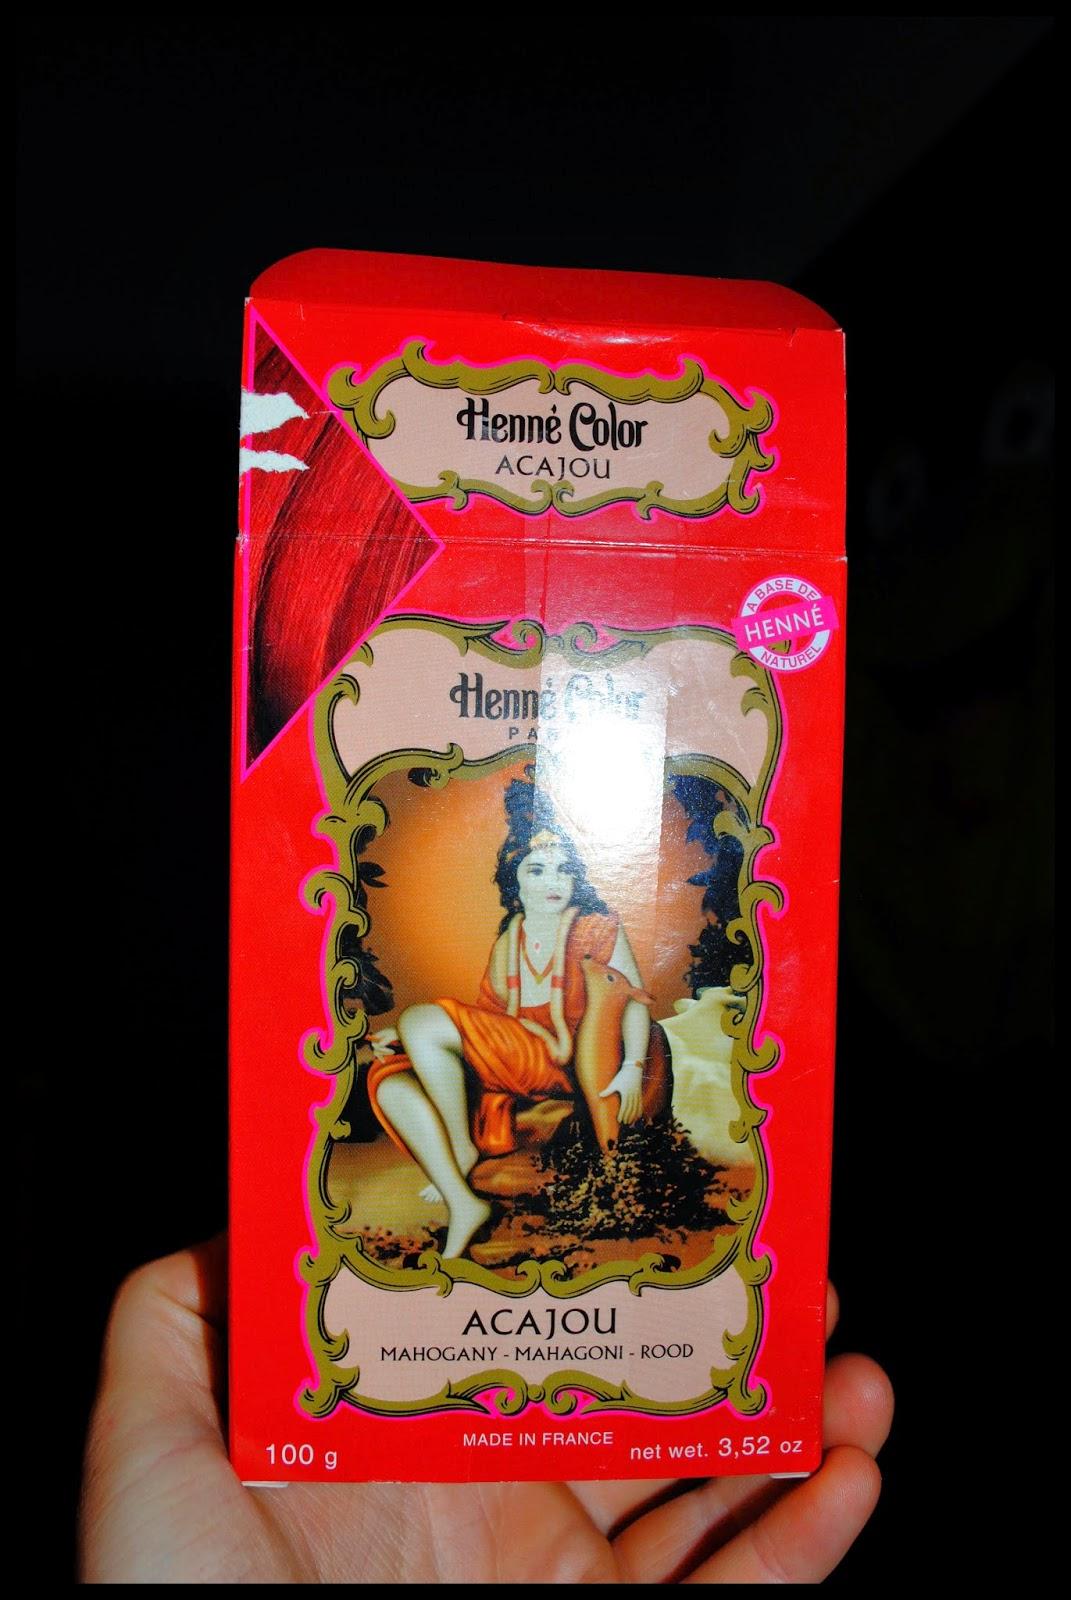 cest le henn color acajou il est base de henn naturel sans oxydant sans ammoniaque et sans ppd bref pour moi a valait la peine de tenter - Henne Color Acajou